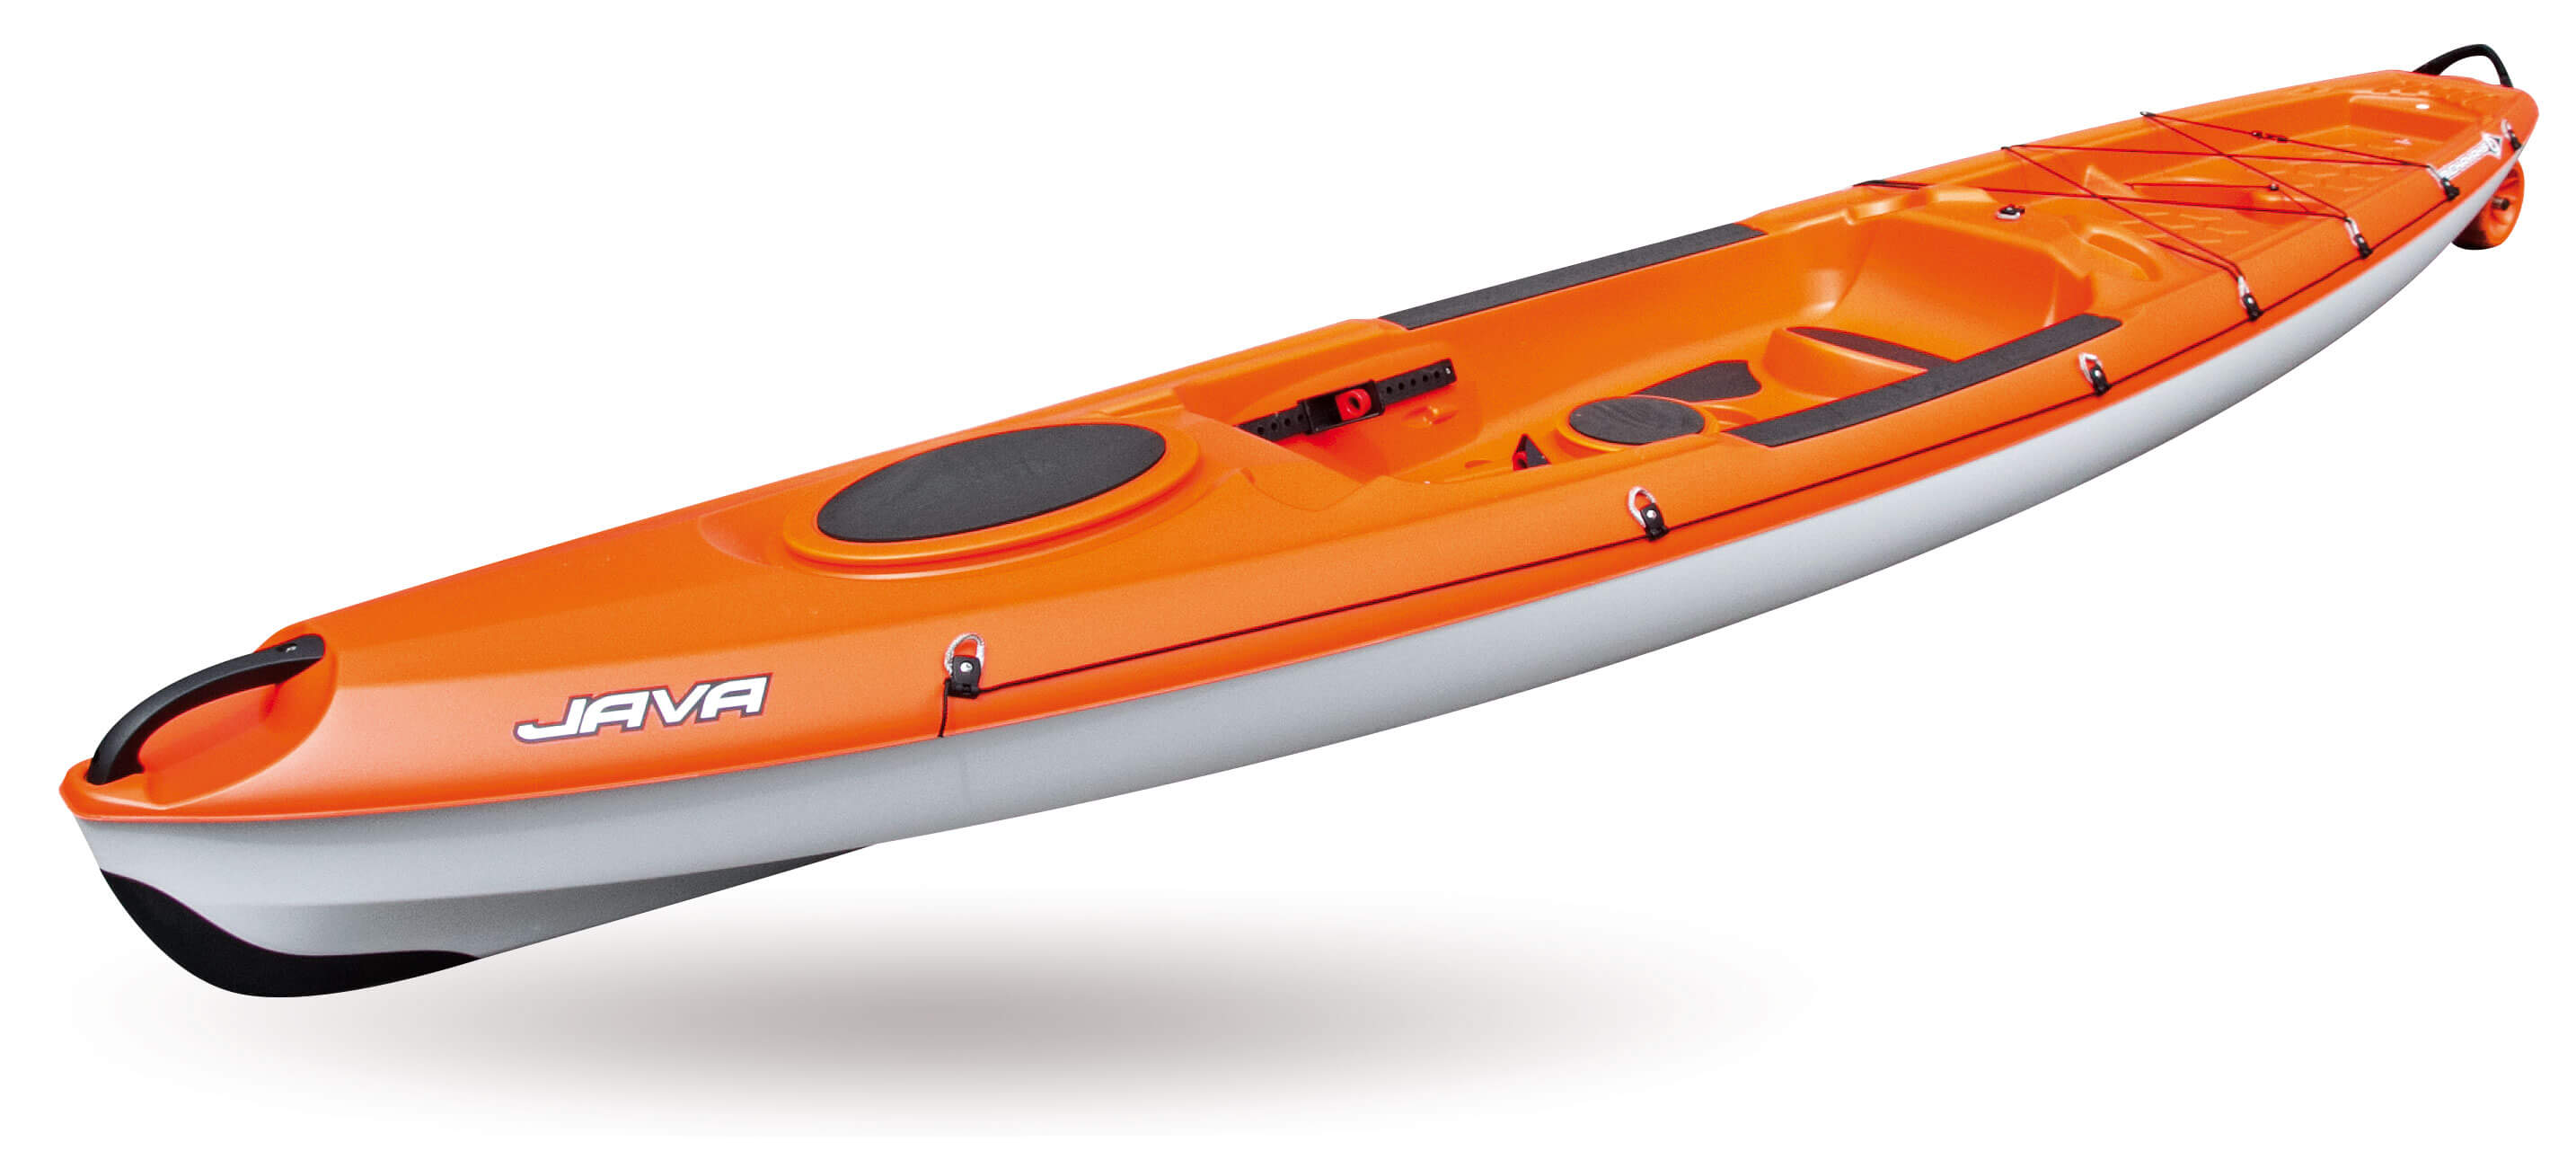 Migliori kayak bic, opinioni, offerte, scegli il migliore! di Maggio 2019